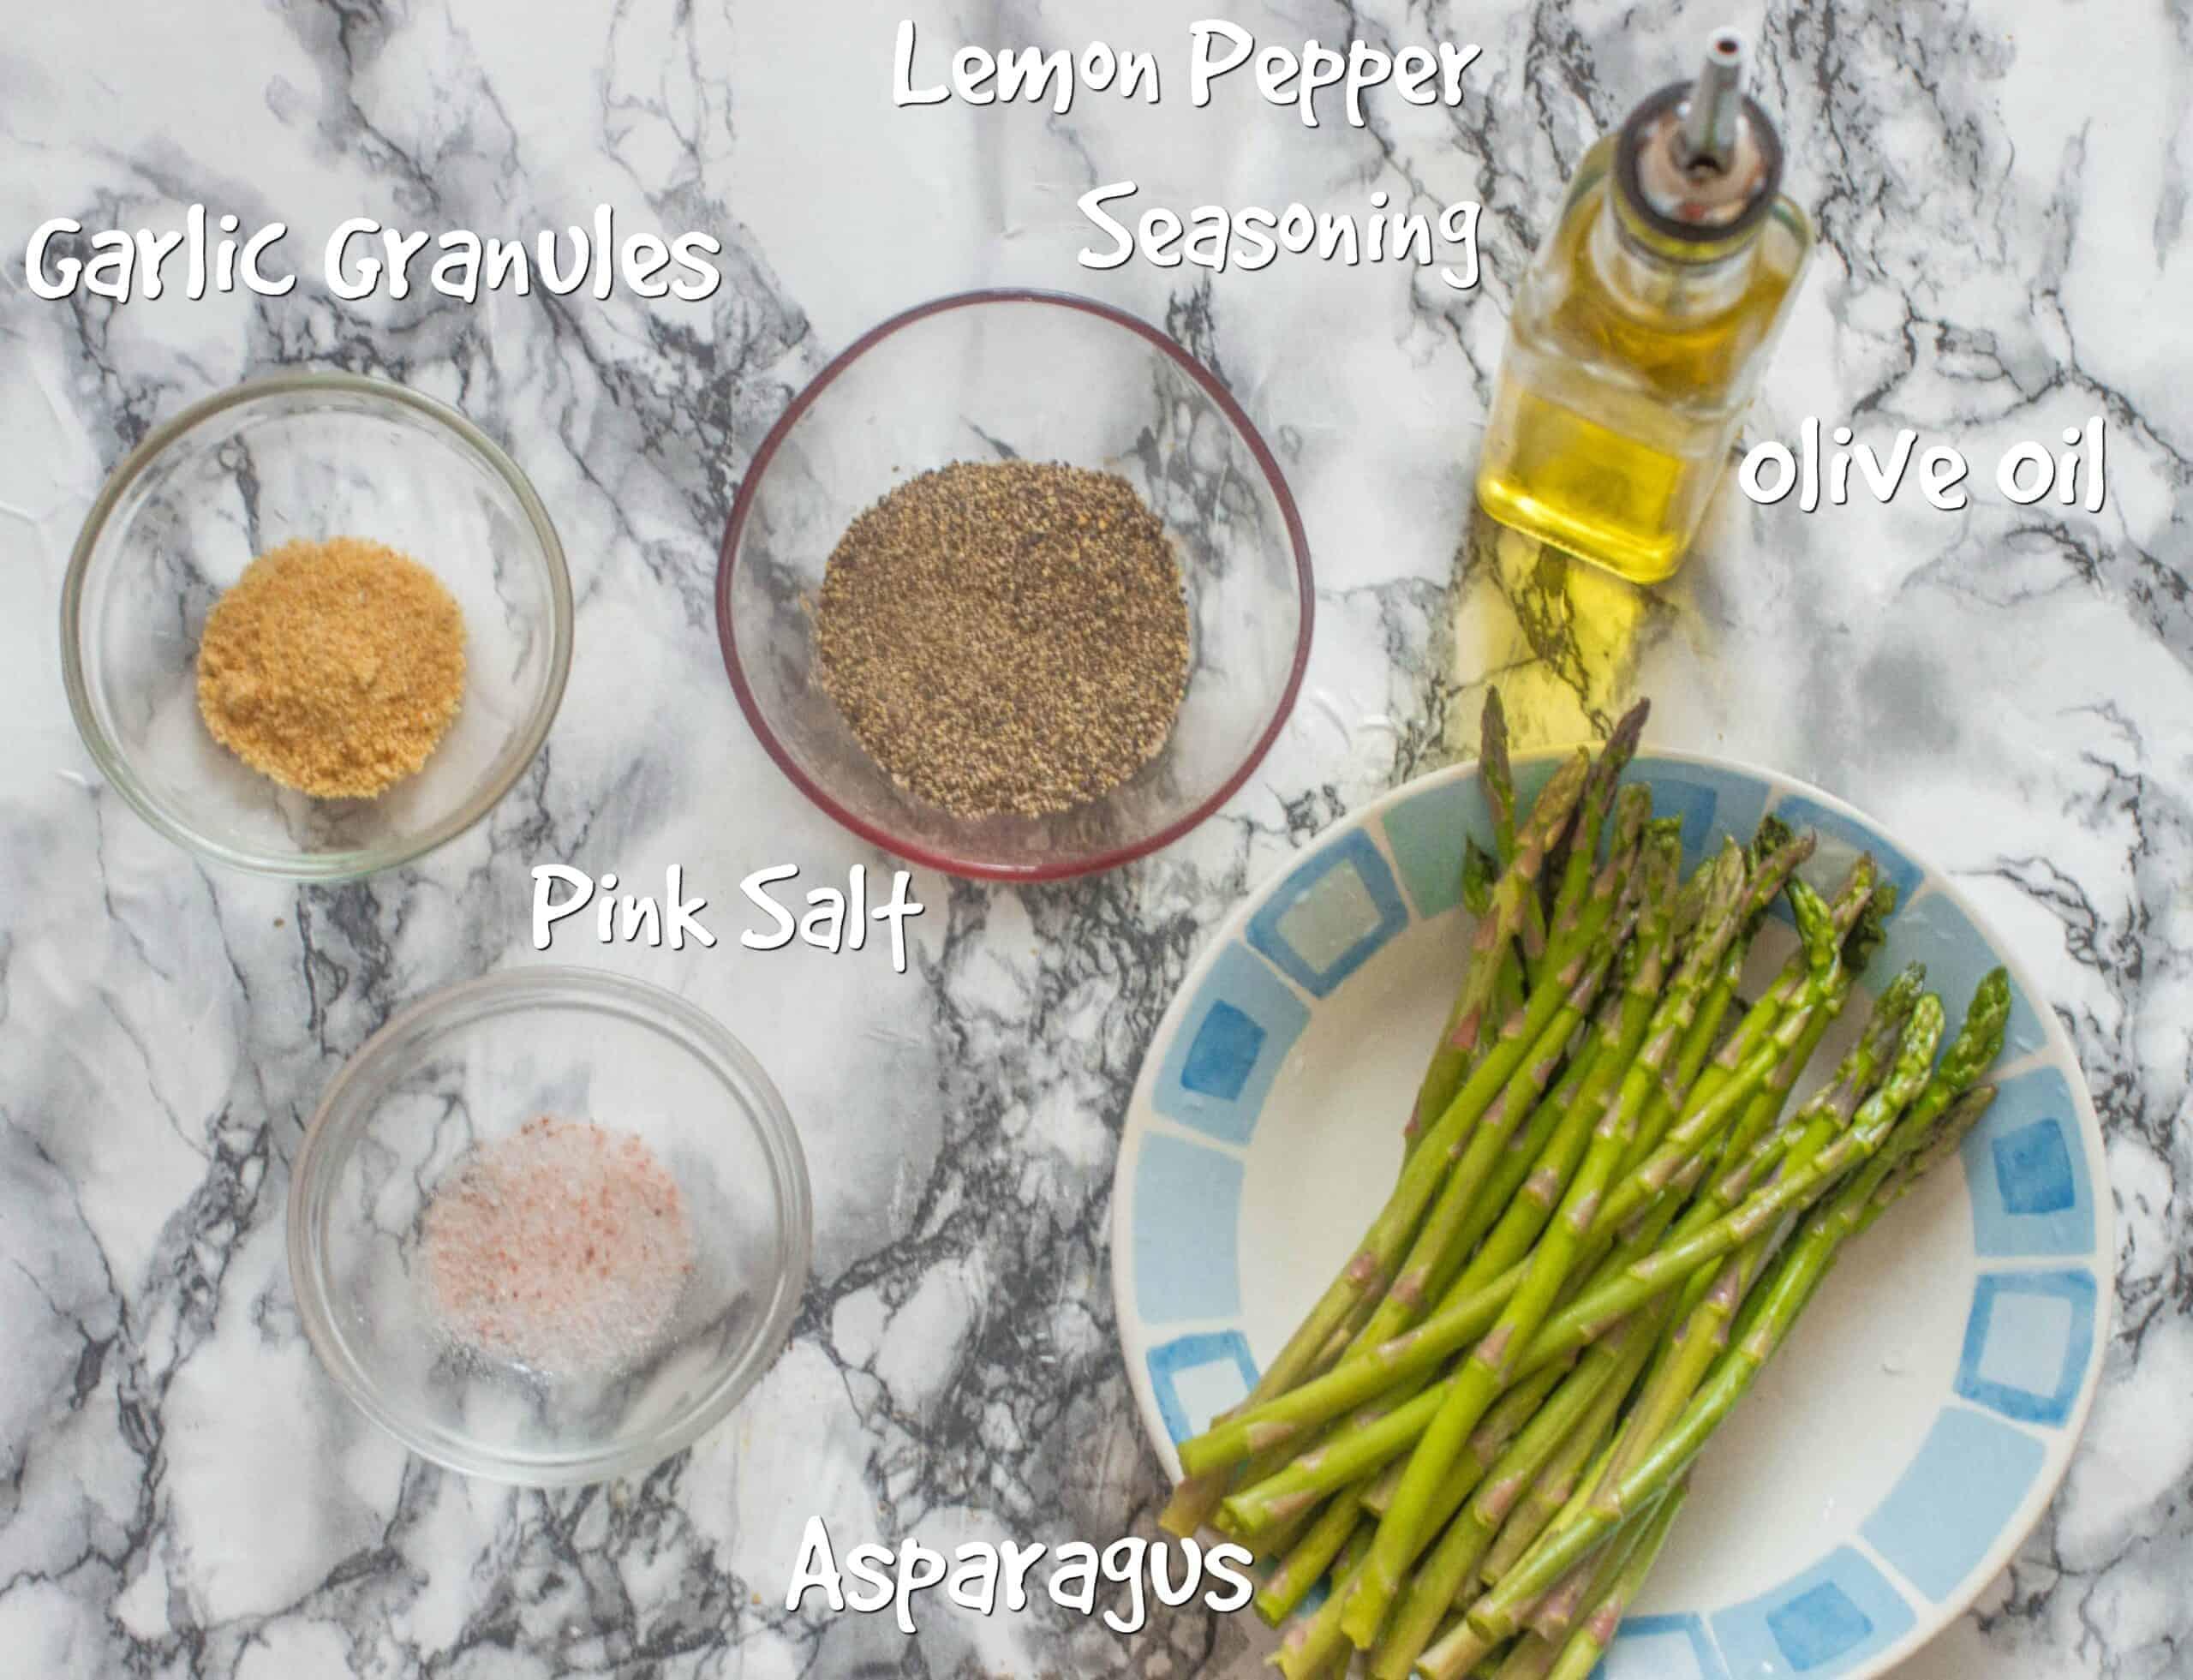 lemon pepper air fried asparagus ingredients